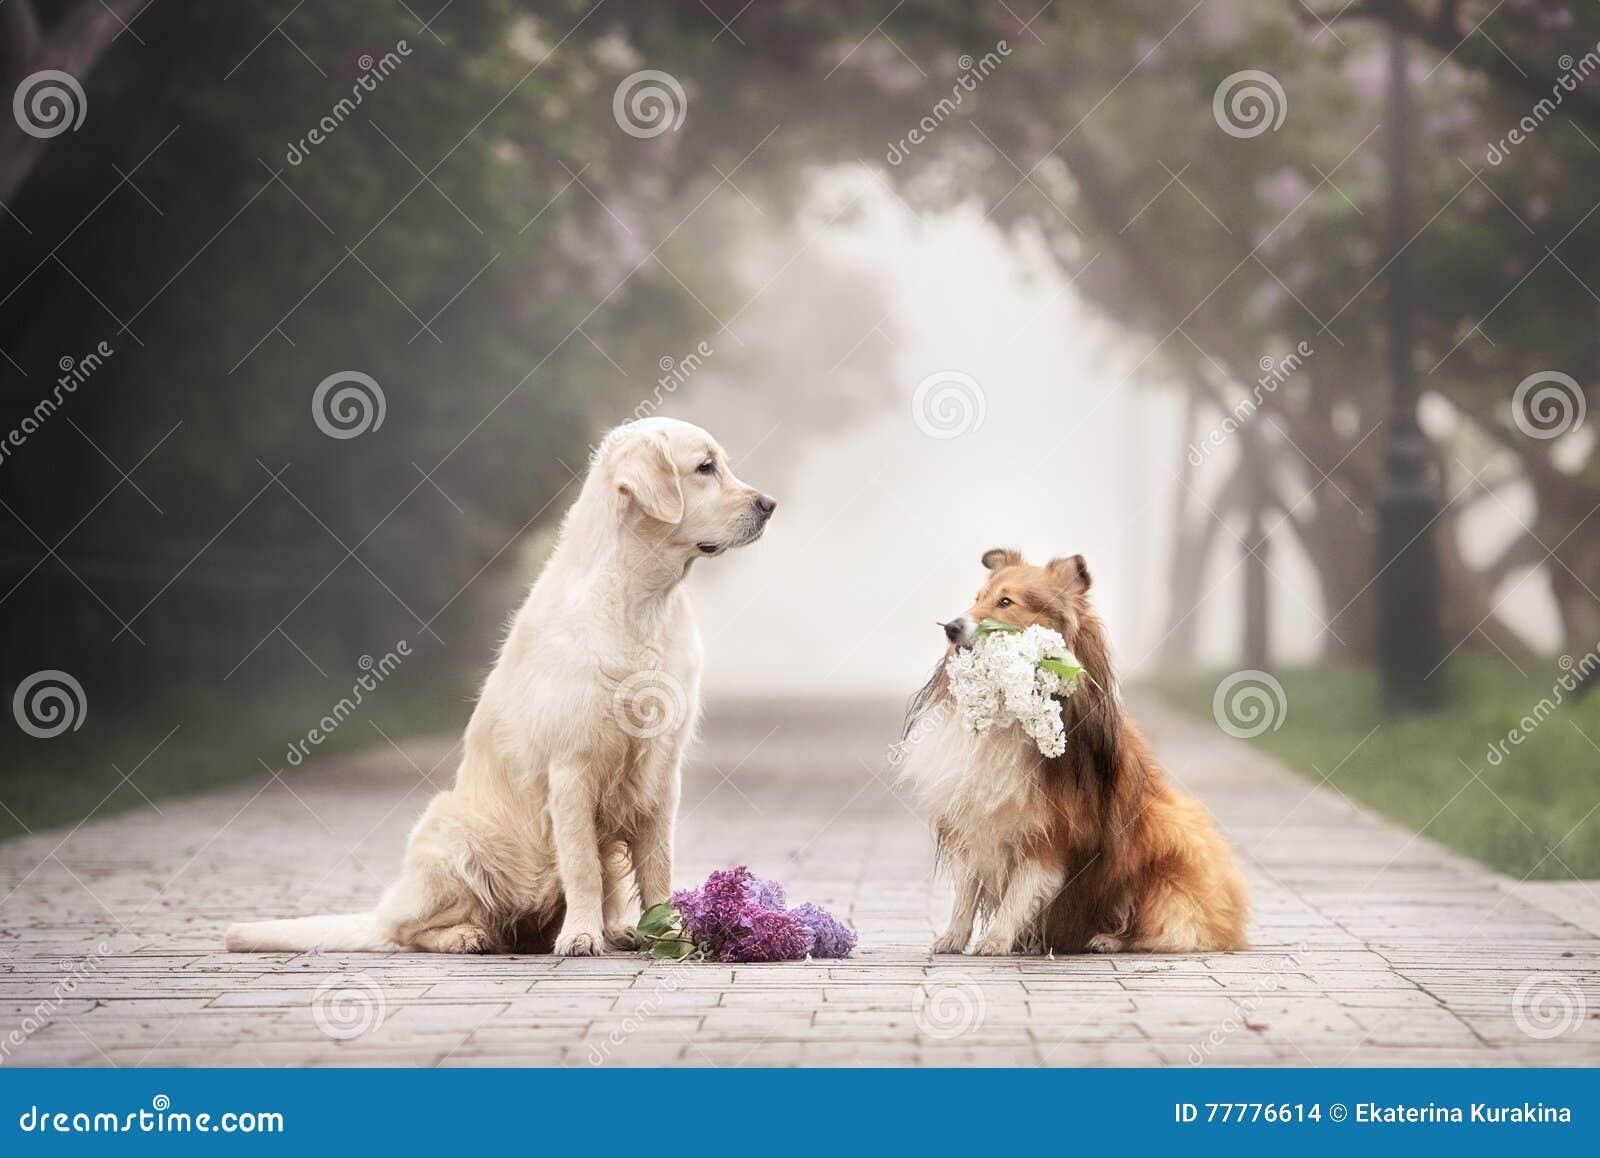 Kärlekshistorien av två hundkapplöpning